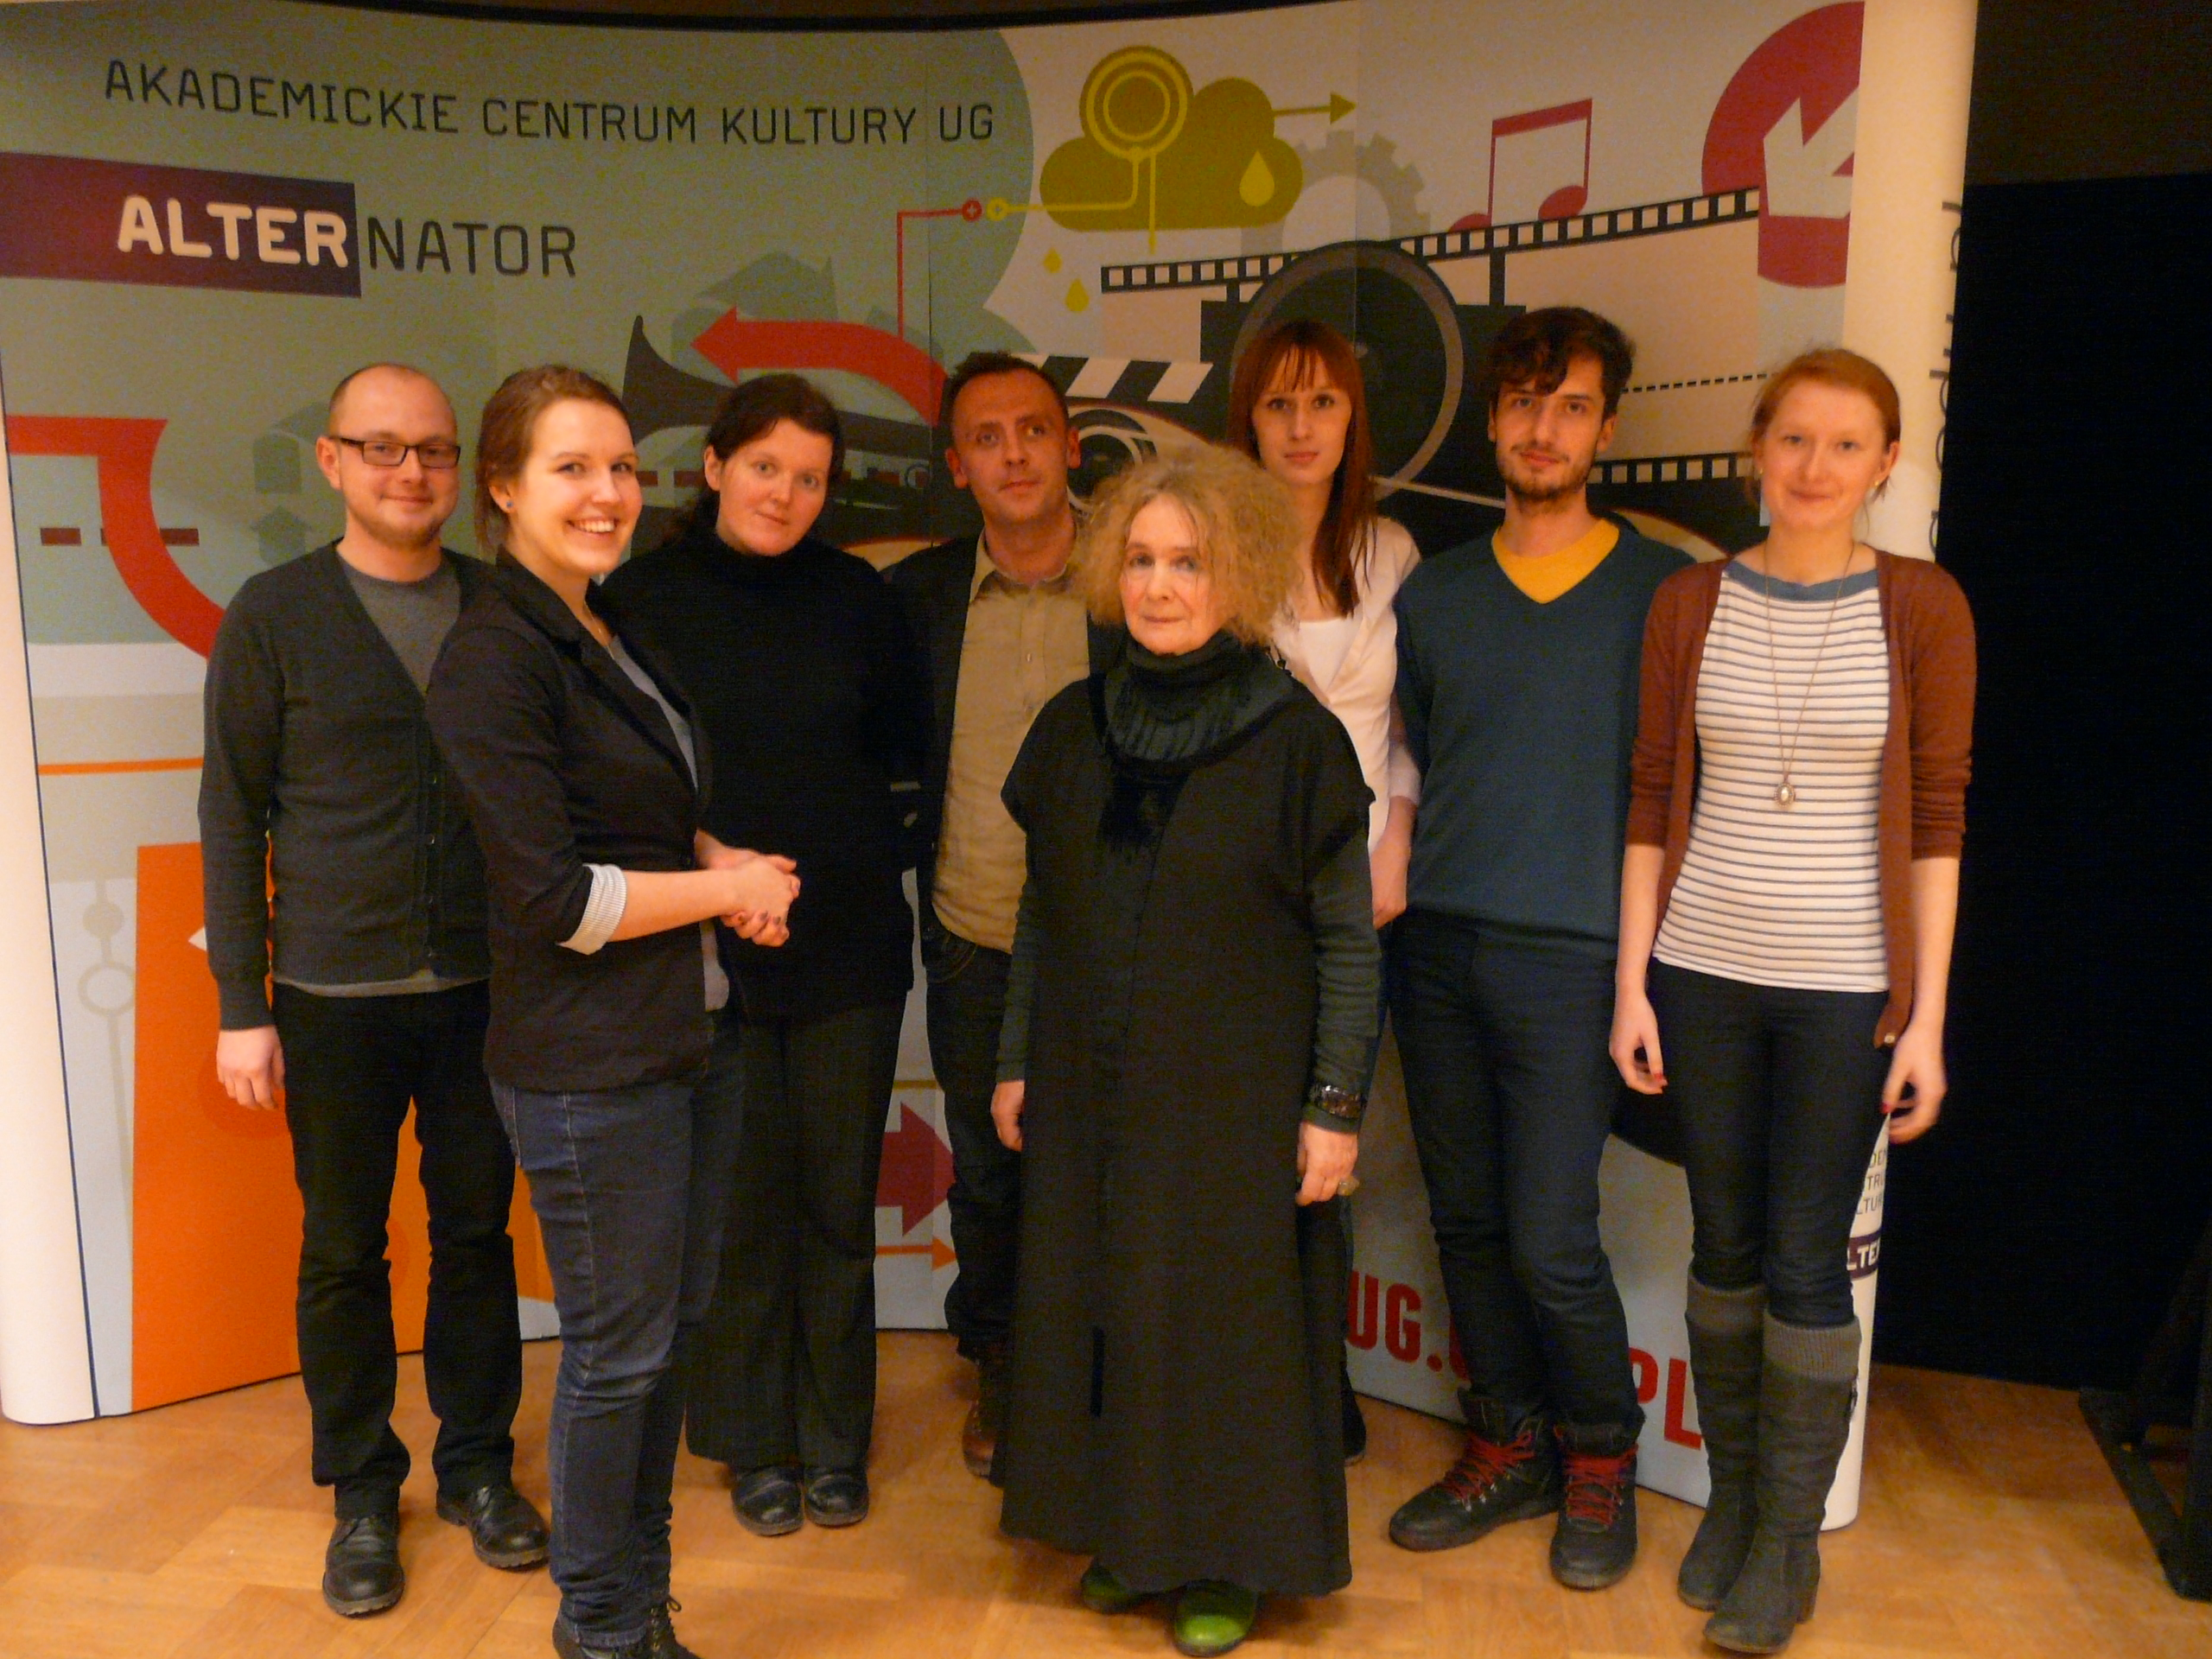 Cykl Europa bez fikcji : Pokaz filmu Gunnar szuka Boga i spotkanie z prof. Marią Szyszkowską